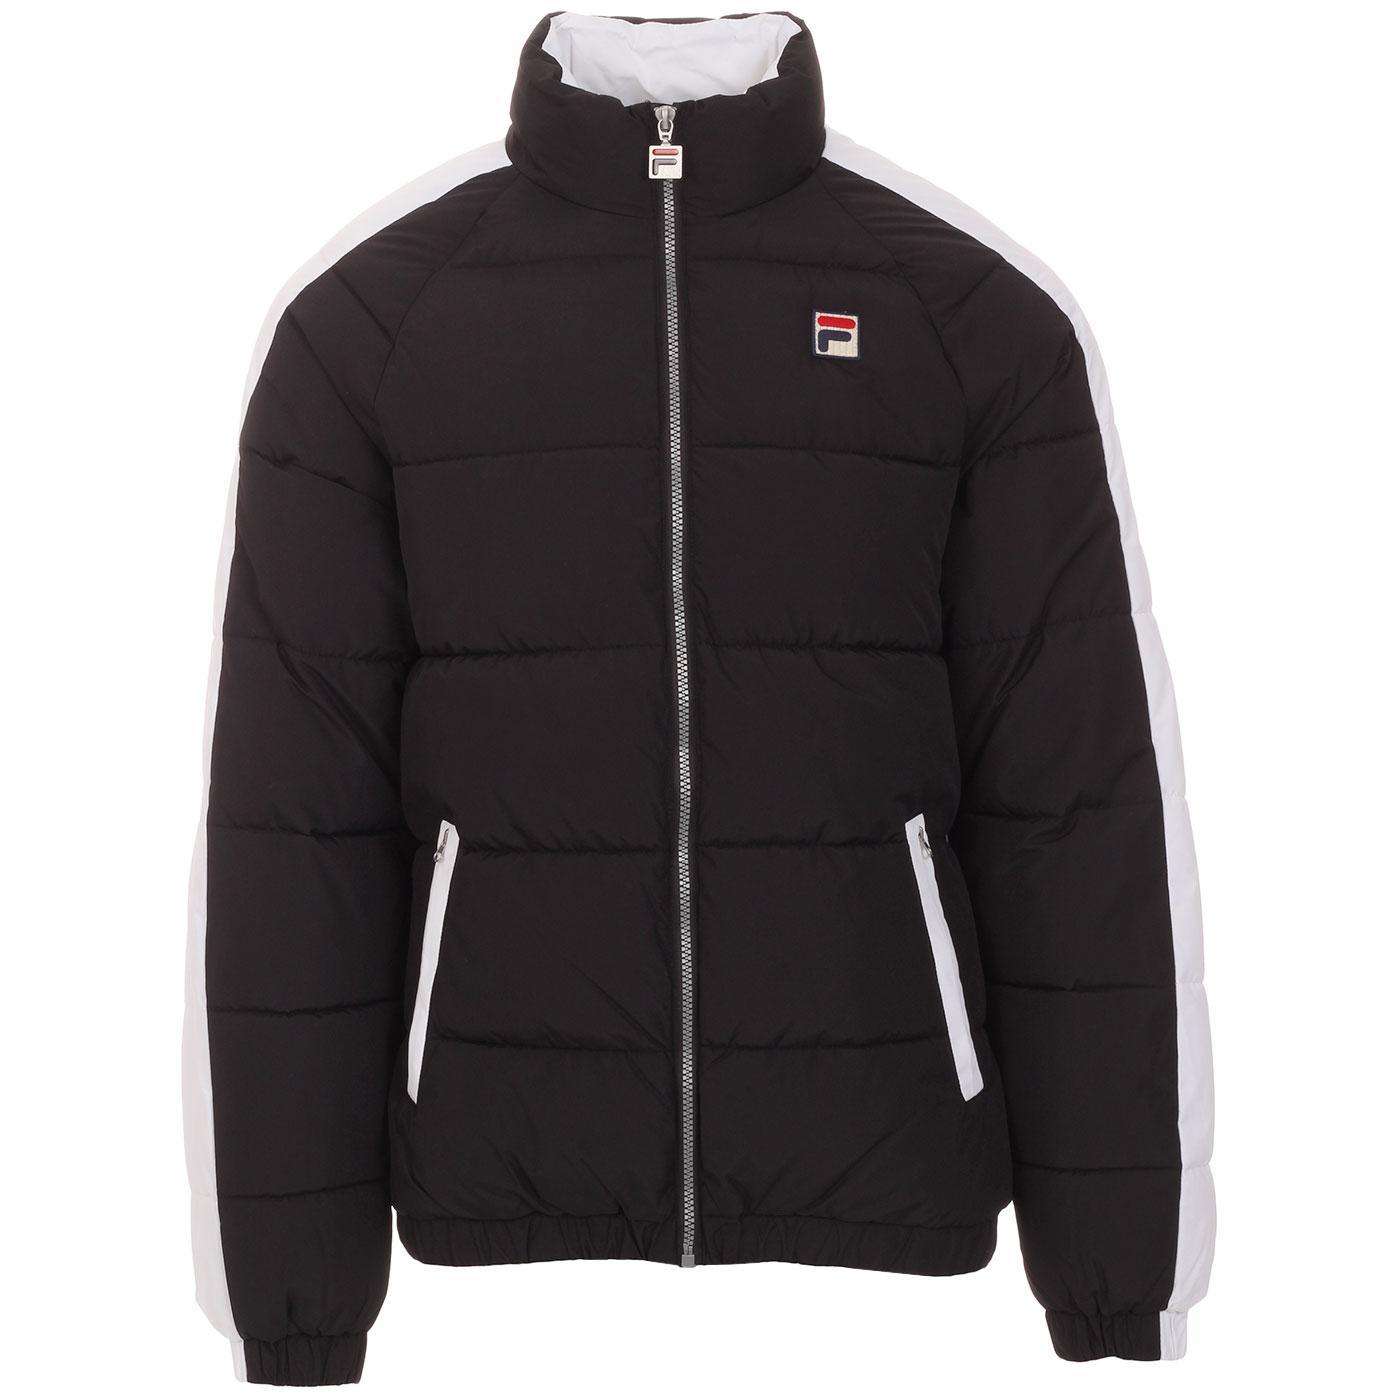 Ledger FILA VINTAGE Retro 1980s Quilted Jacket (B)